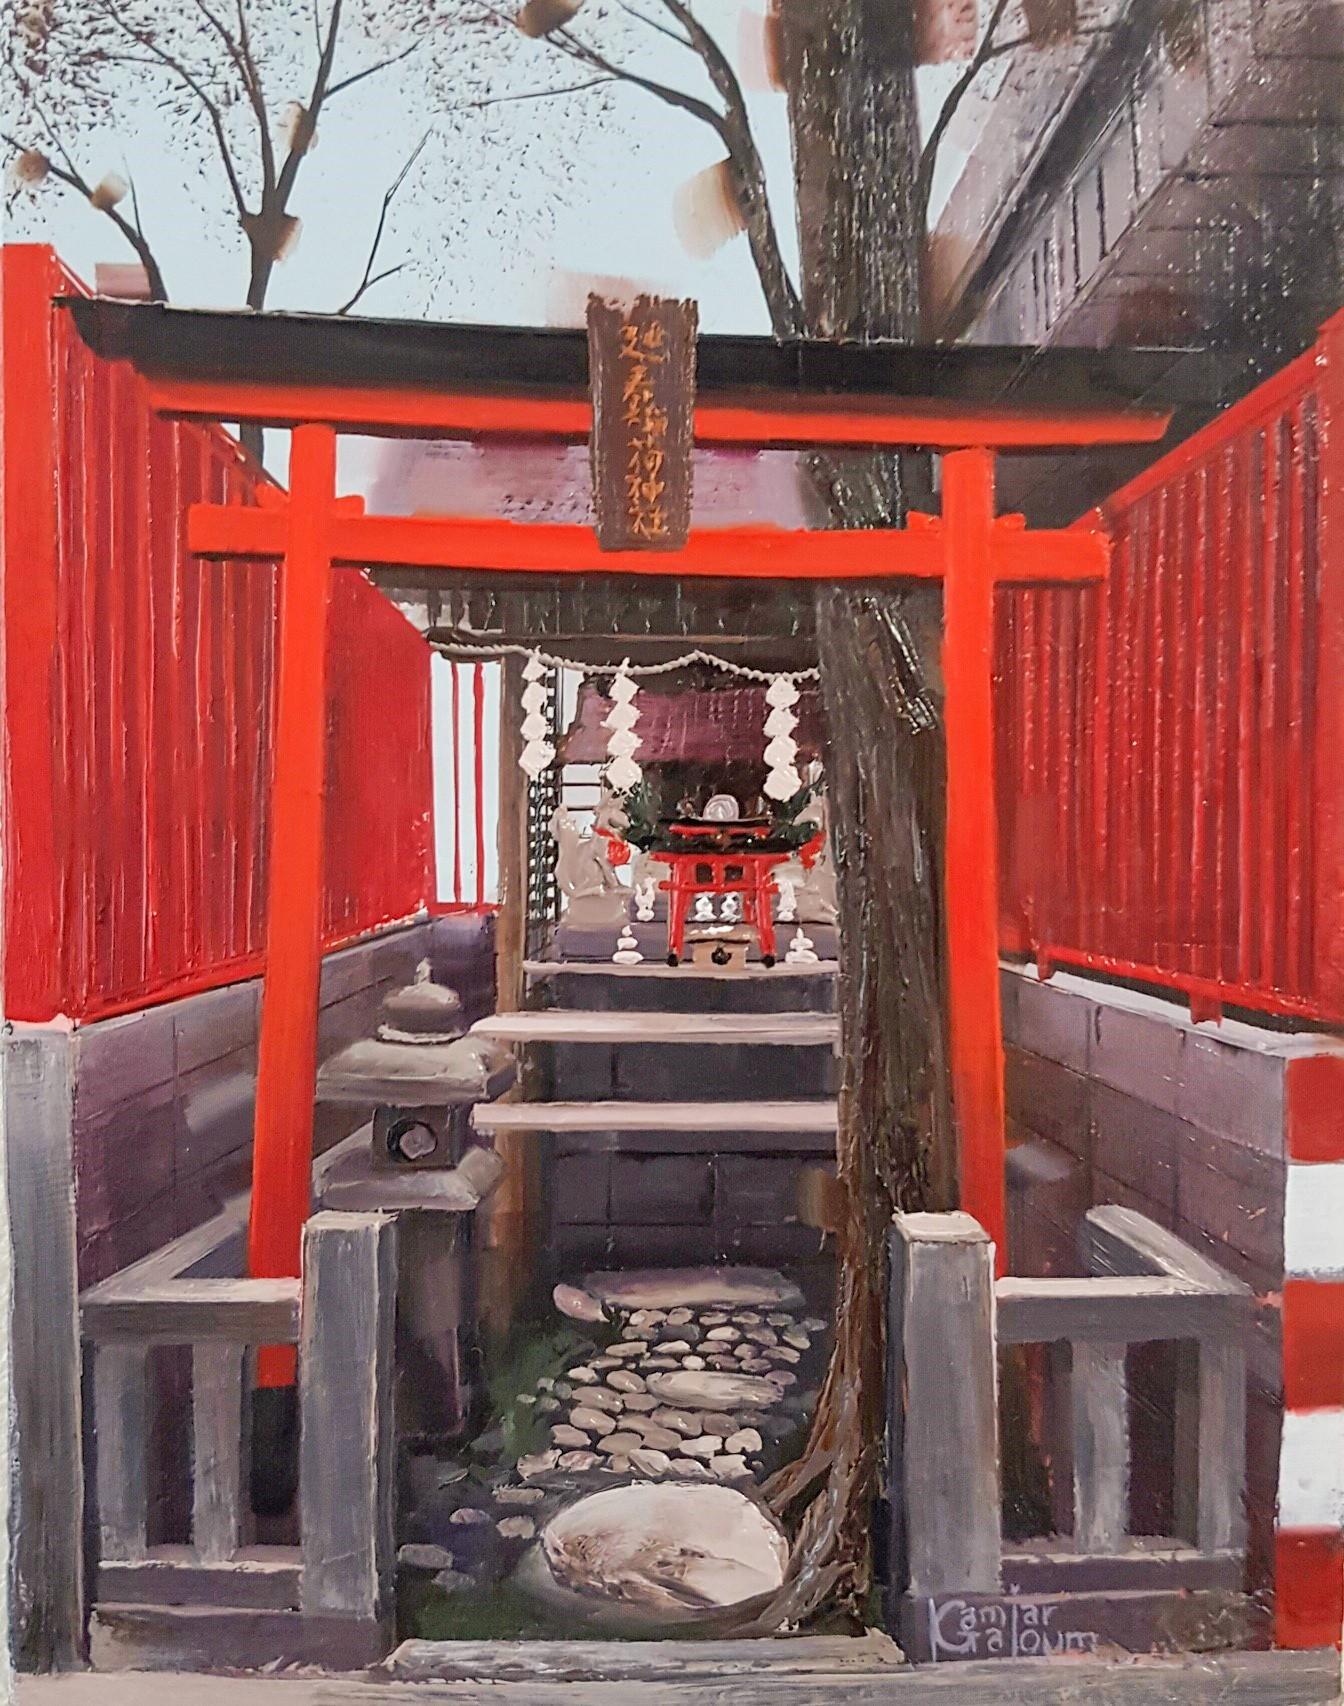 Kamiar Gajoum-Jinjya III-Original Oil Painting 7x5.5